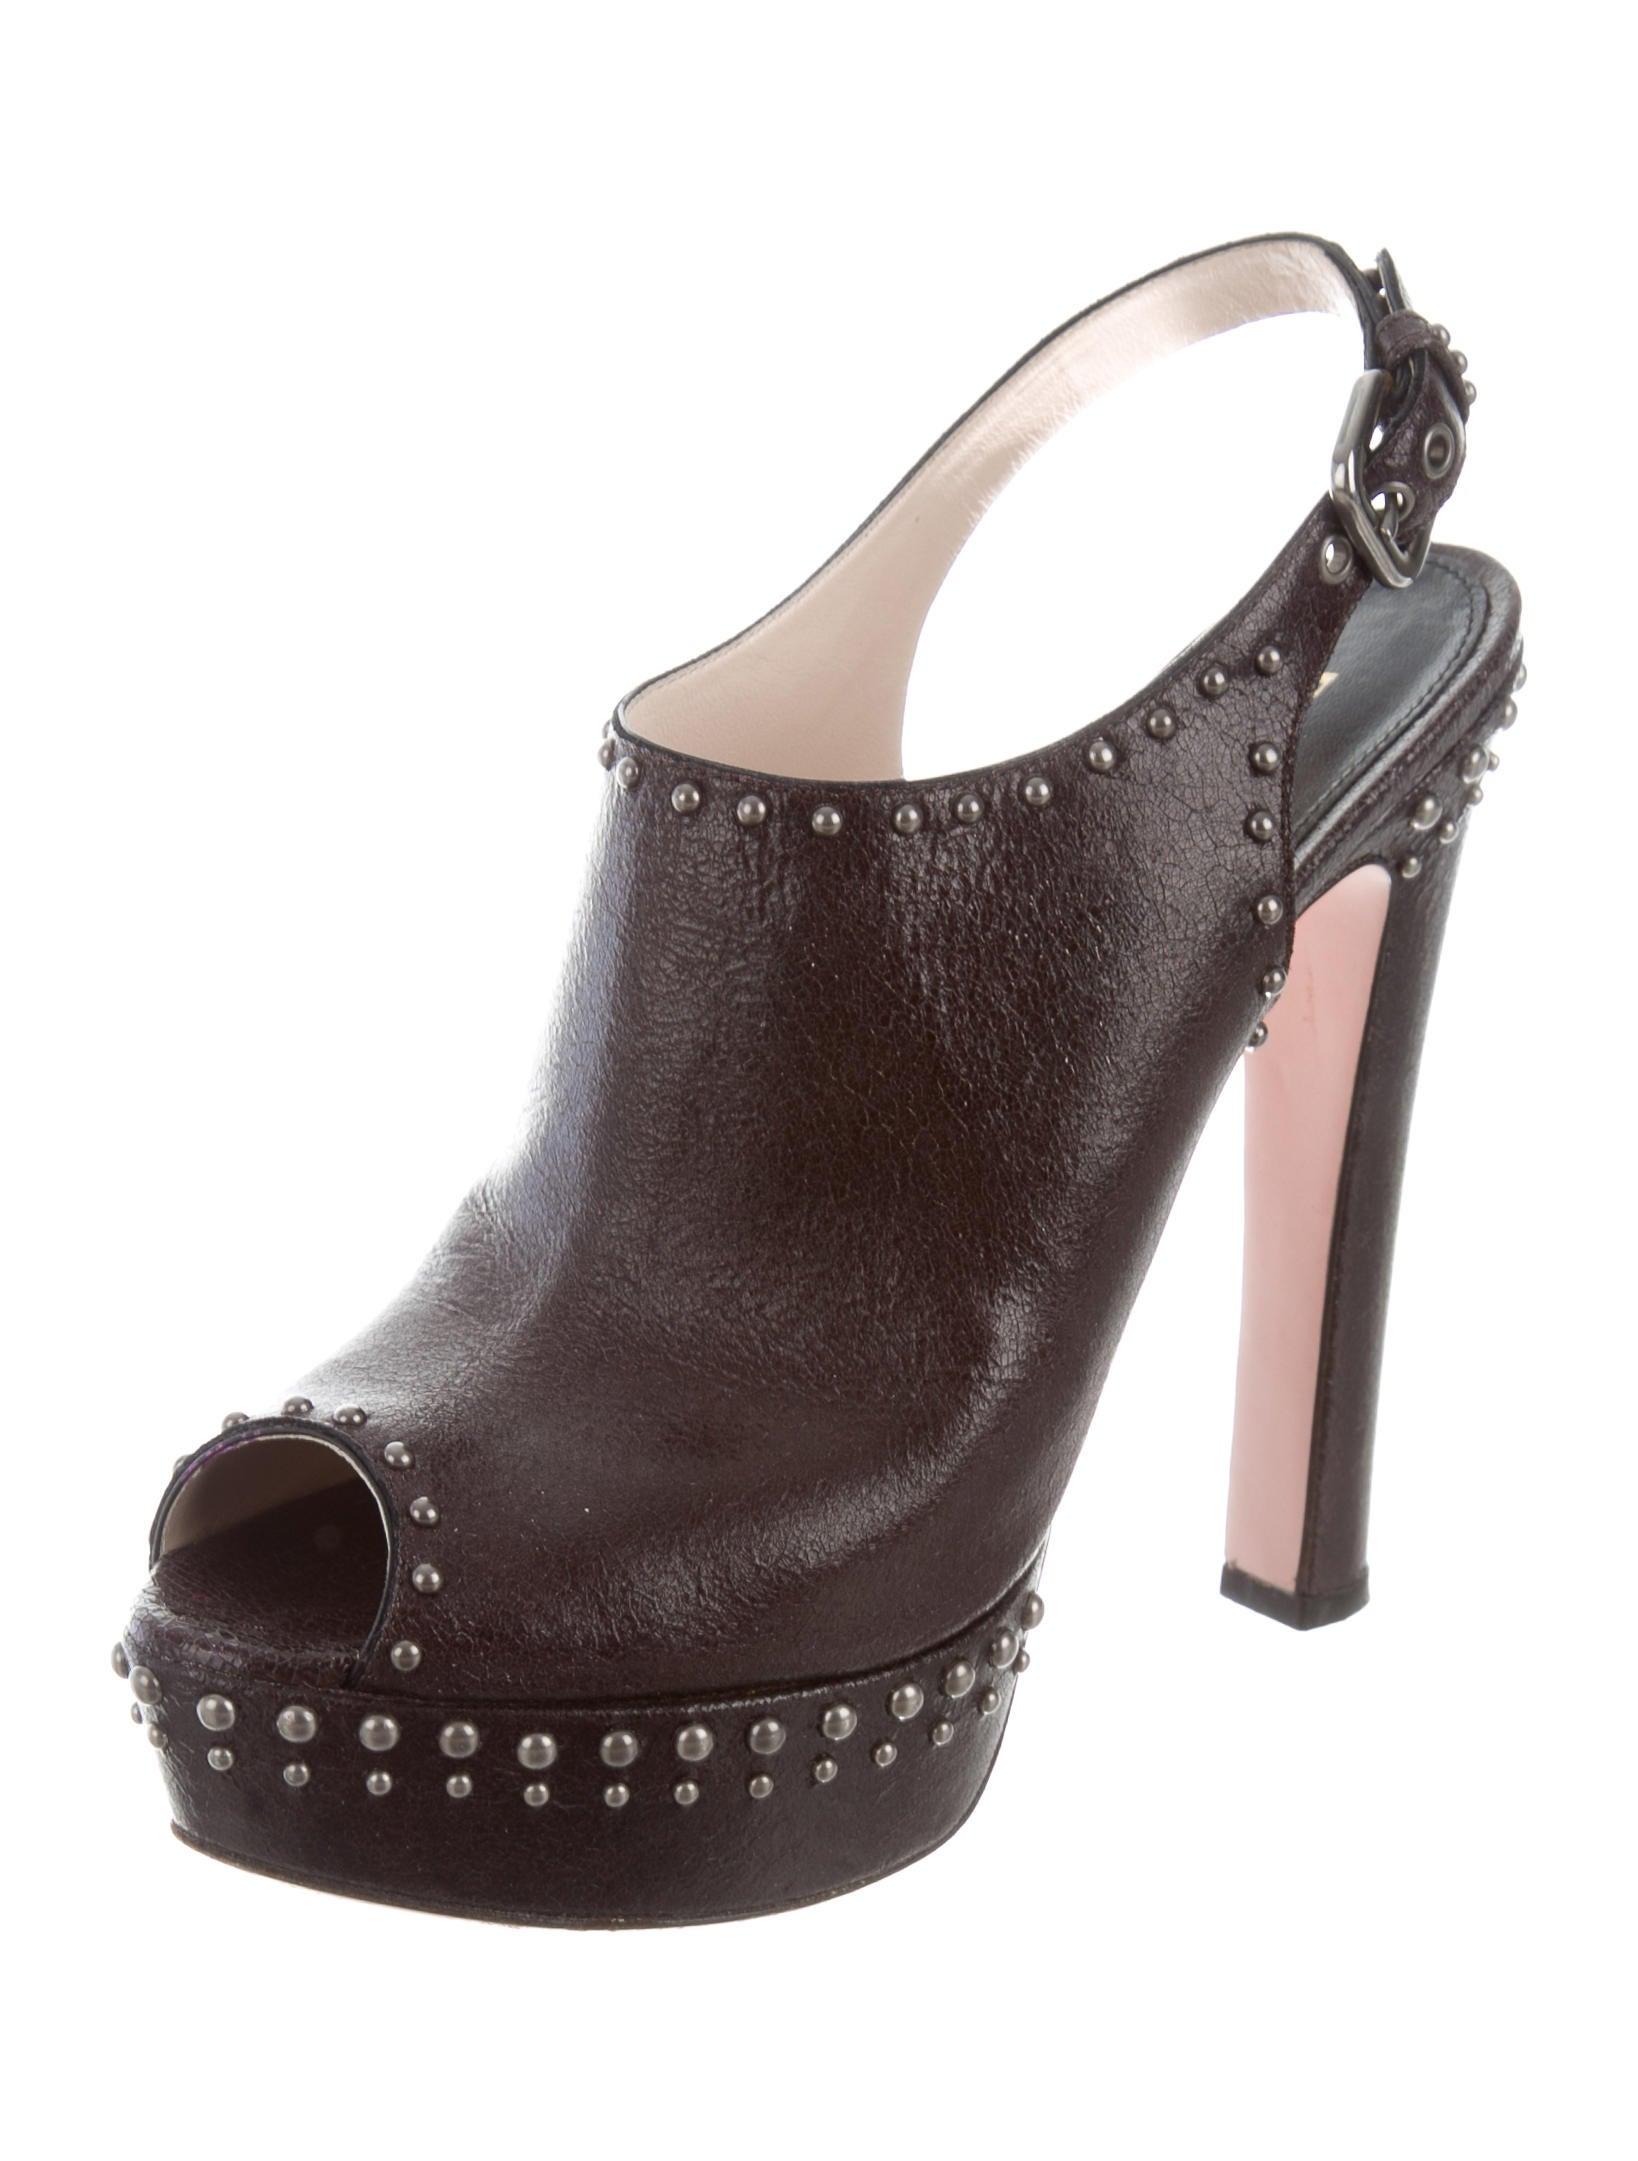 Prada Studded Platform Sandals - Shoes - PRA170286 | The